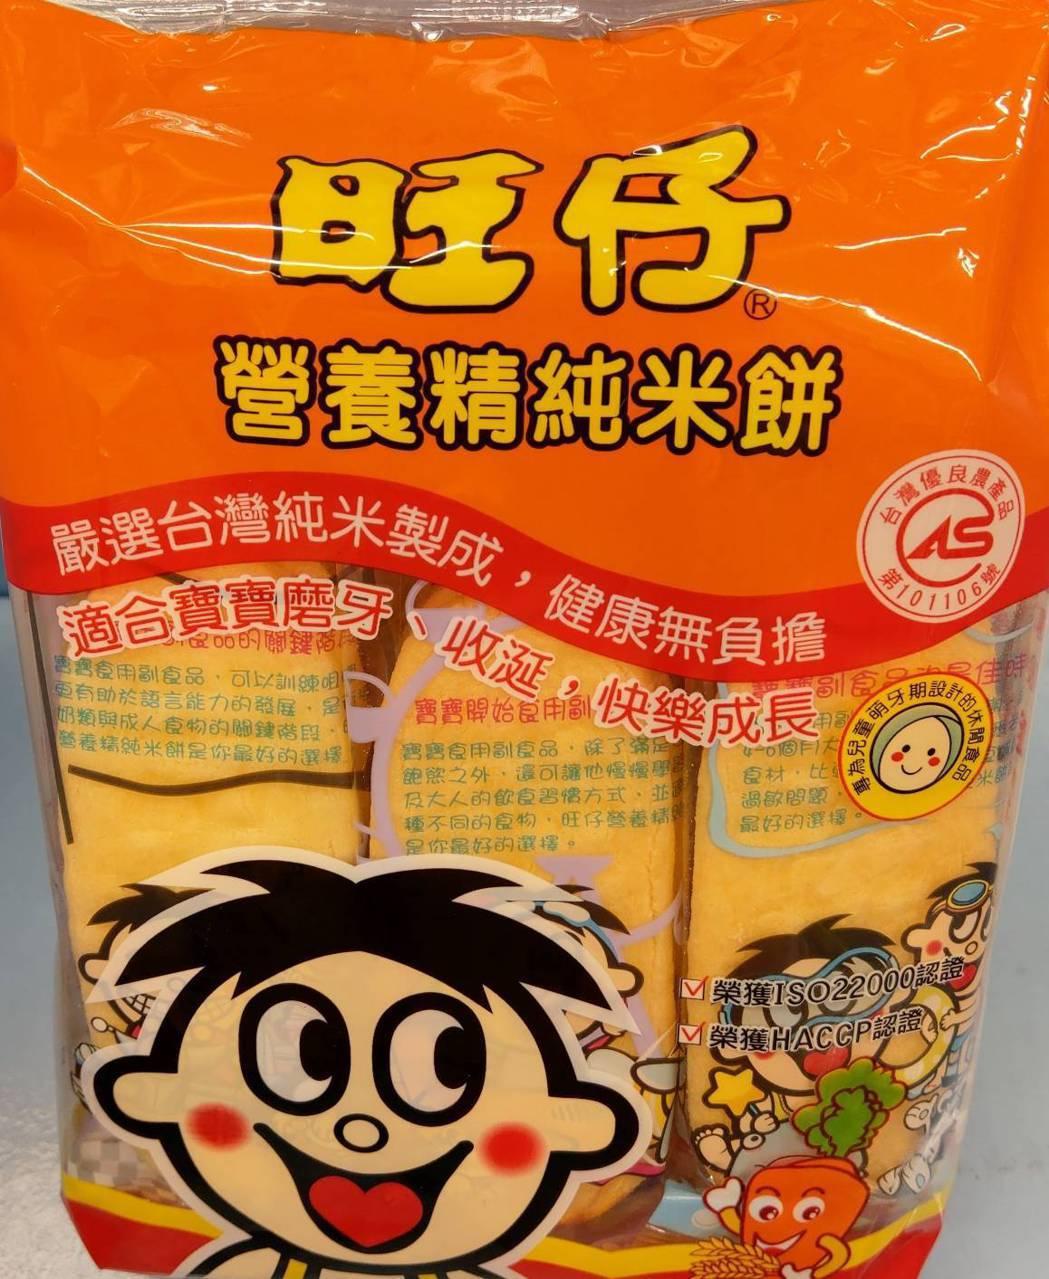 疑似鎘超標的旺仔營養精純米餅包裝寫著「適合寶寶磨牙、收涎,快樂成長」,並沒有嬰幼...